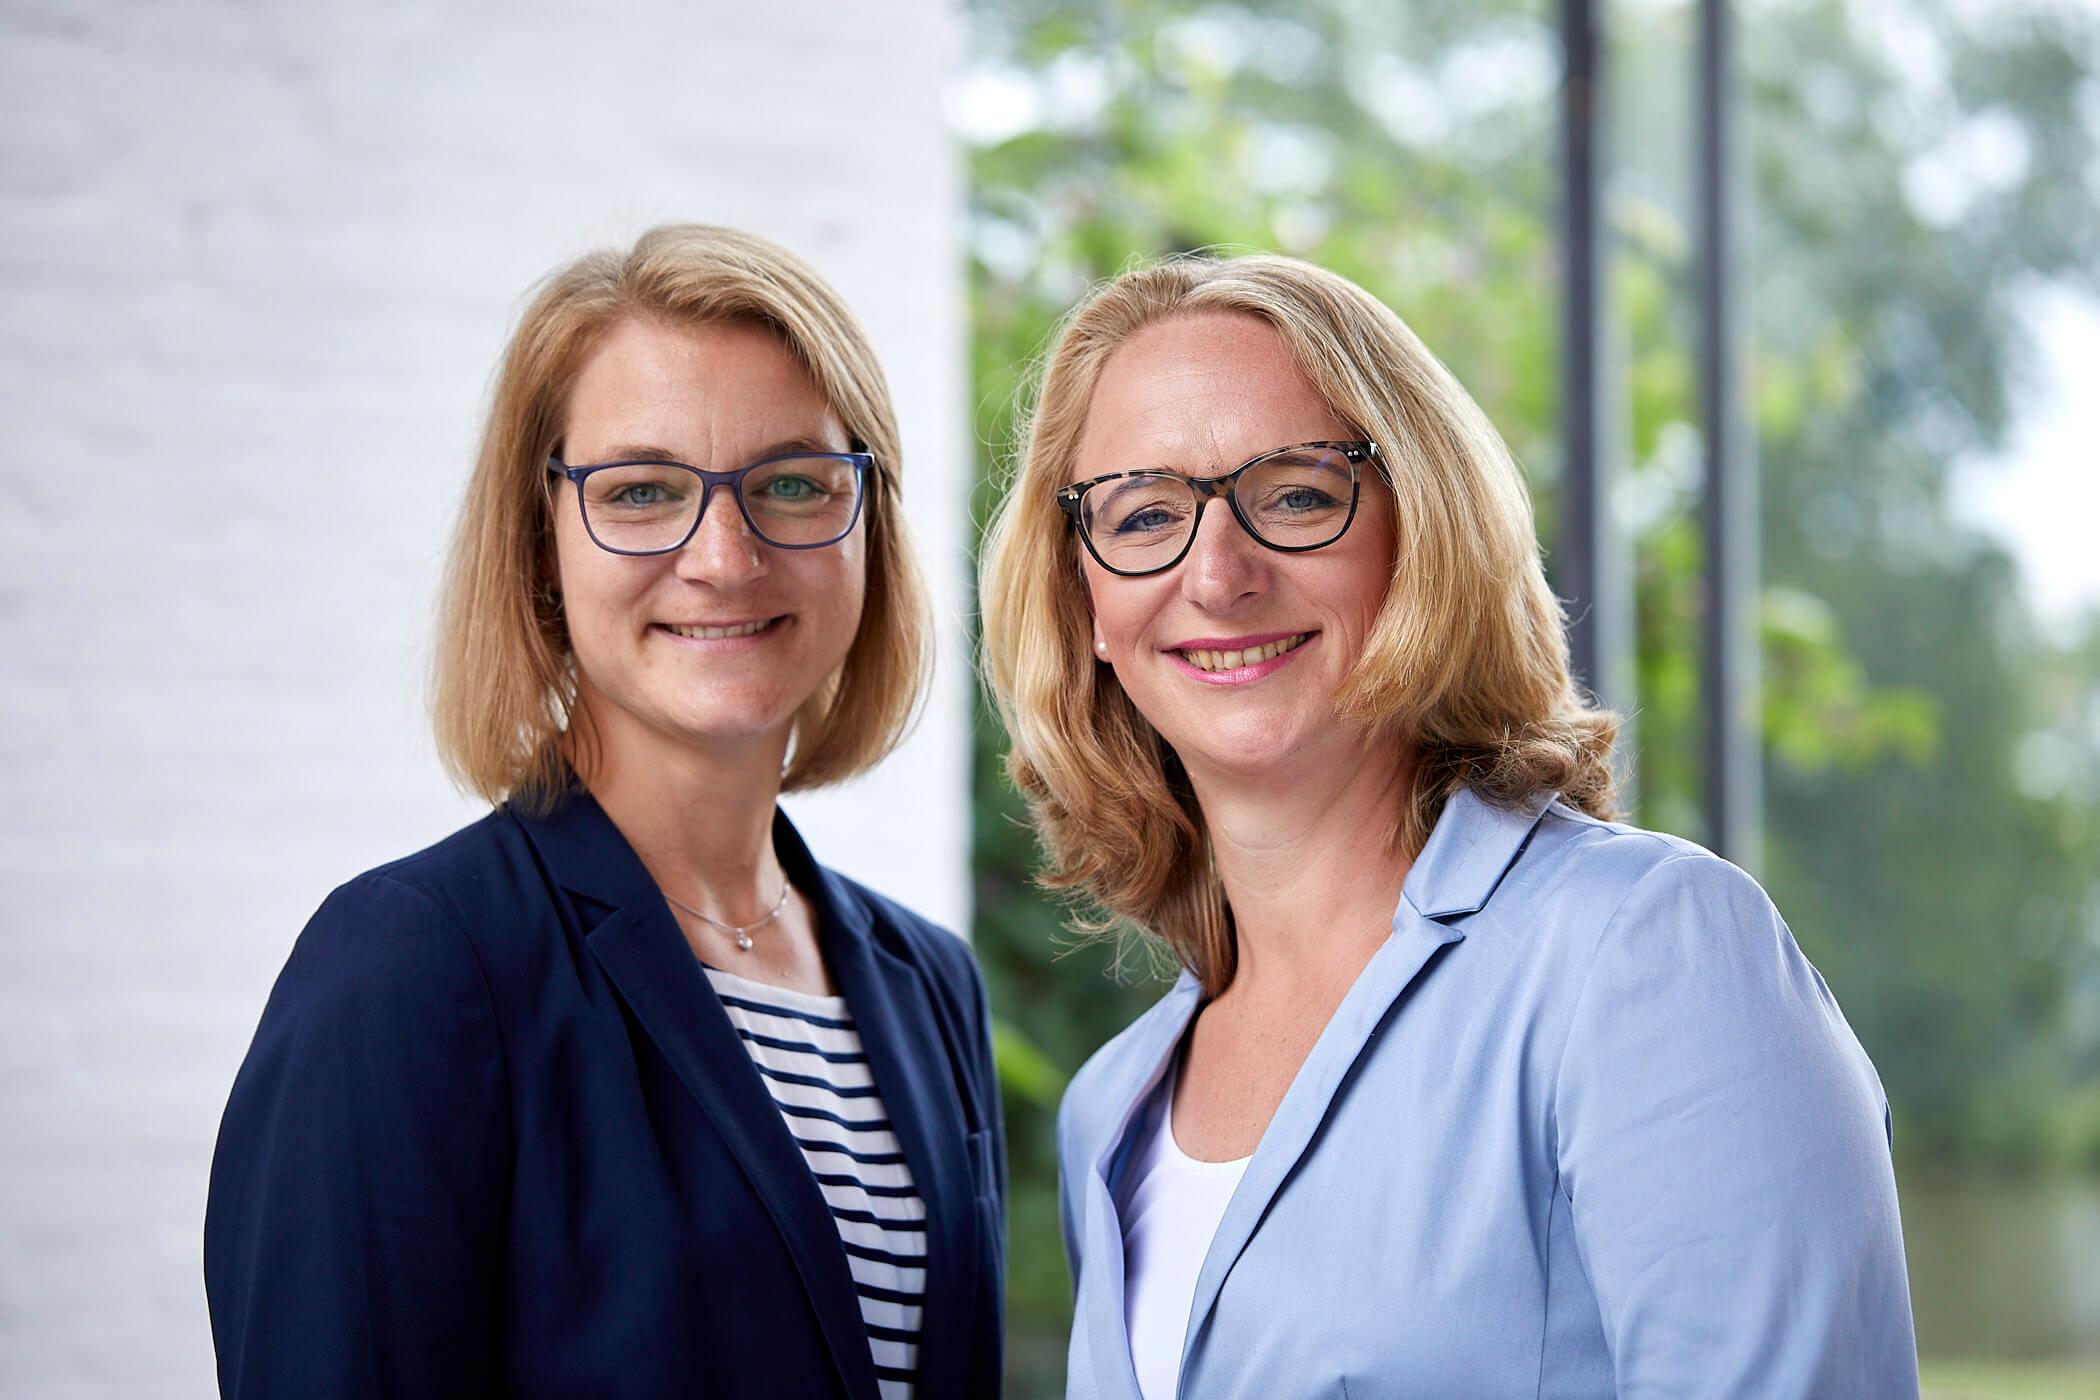 Führungskräfte-coaching, Coaching für Führungskräfte, Kathrin Nökel, Teamanalyse_Danke 1